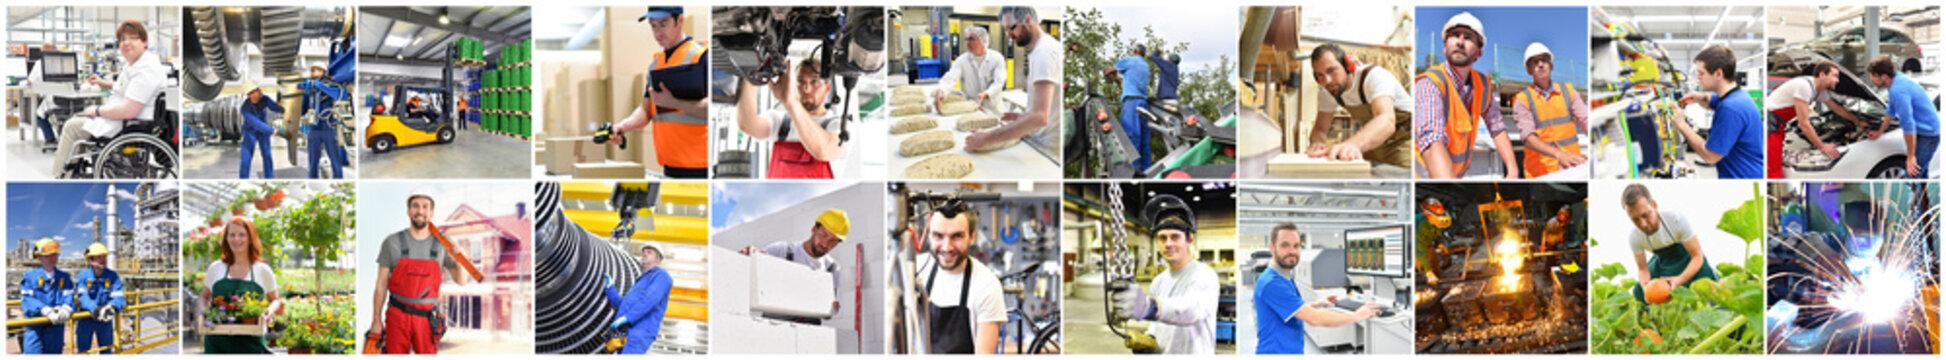 Berufe in der Industrie und Handwerk - Arbeiter am Arbeitsplatz // Professions in industry and trade - Workers at the workplace